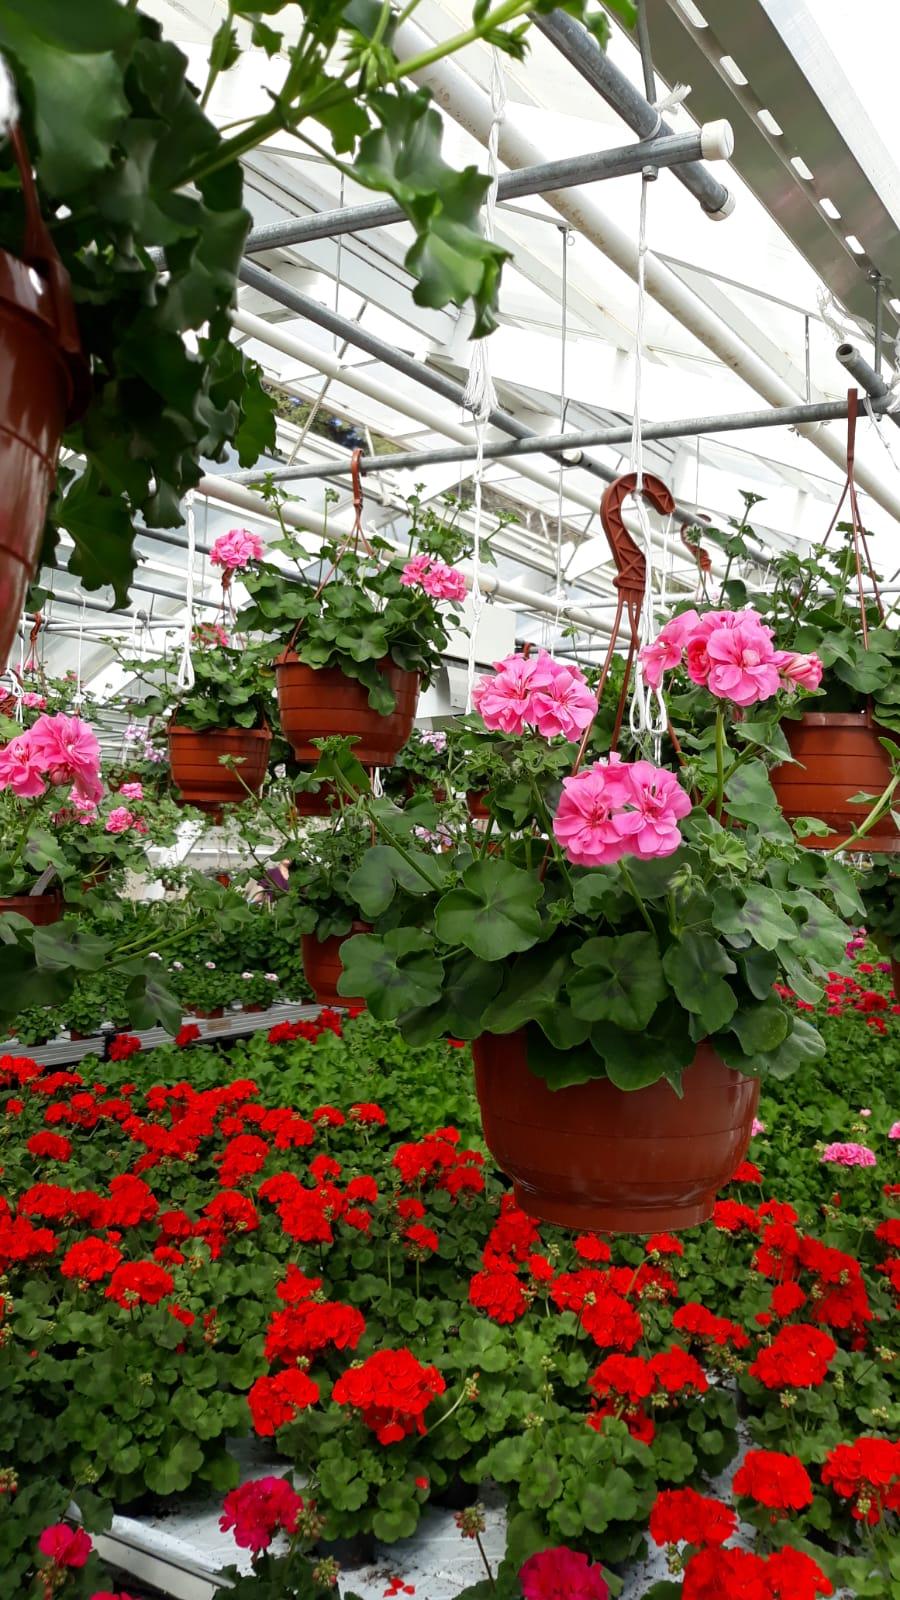 Kesäkukkia myynnissä puutarhalla joka päivä klo 10-16, Uudenmaankatu 181